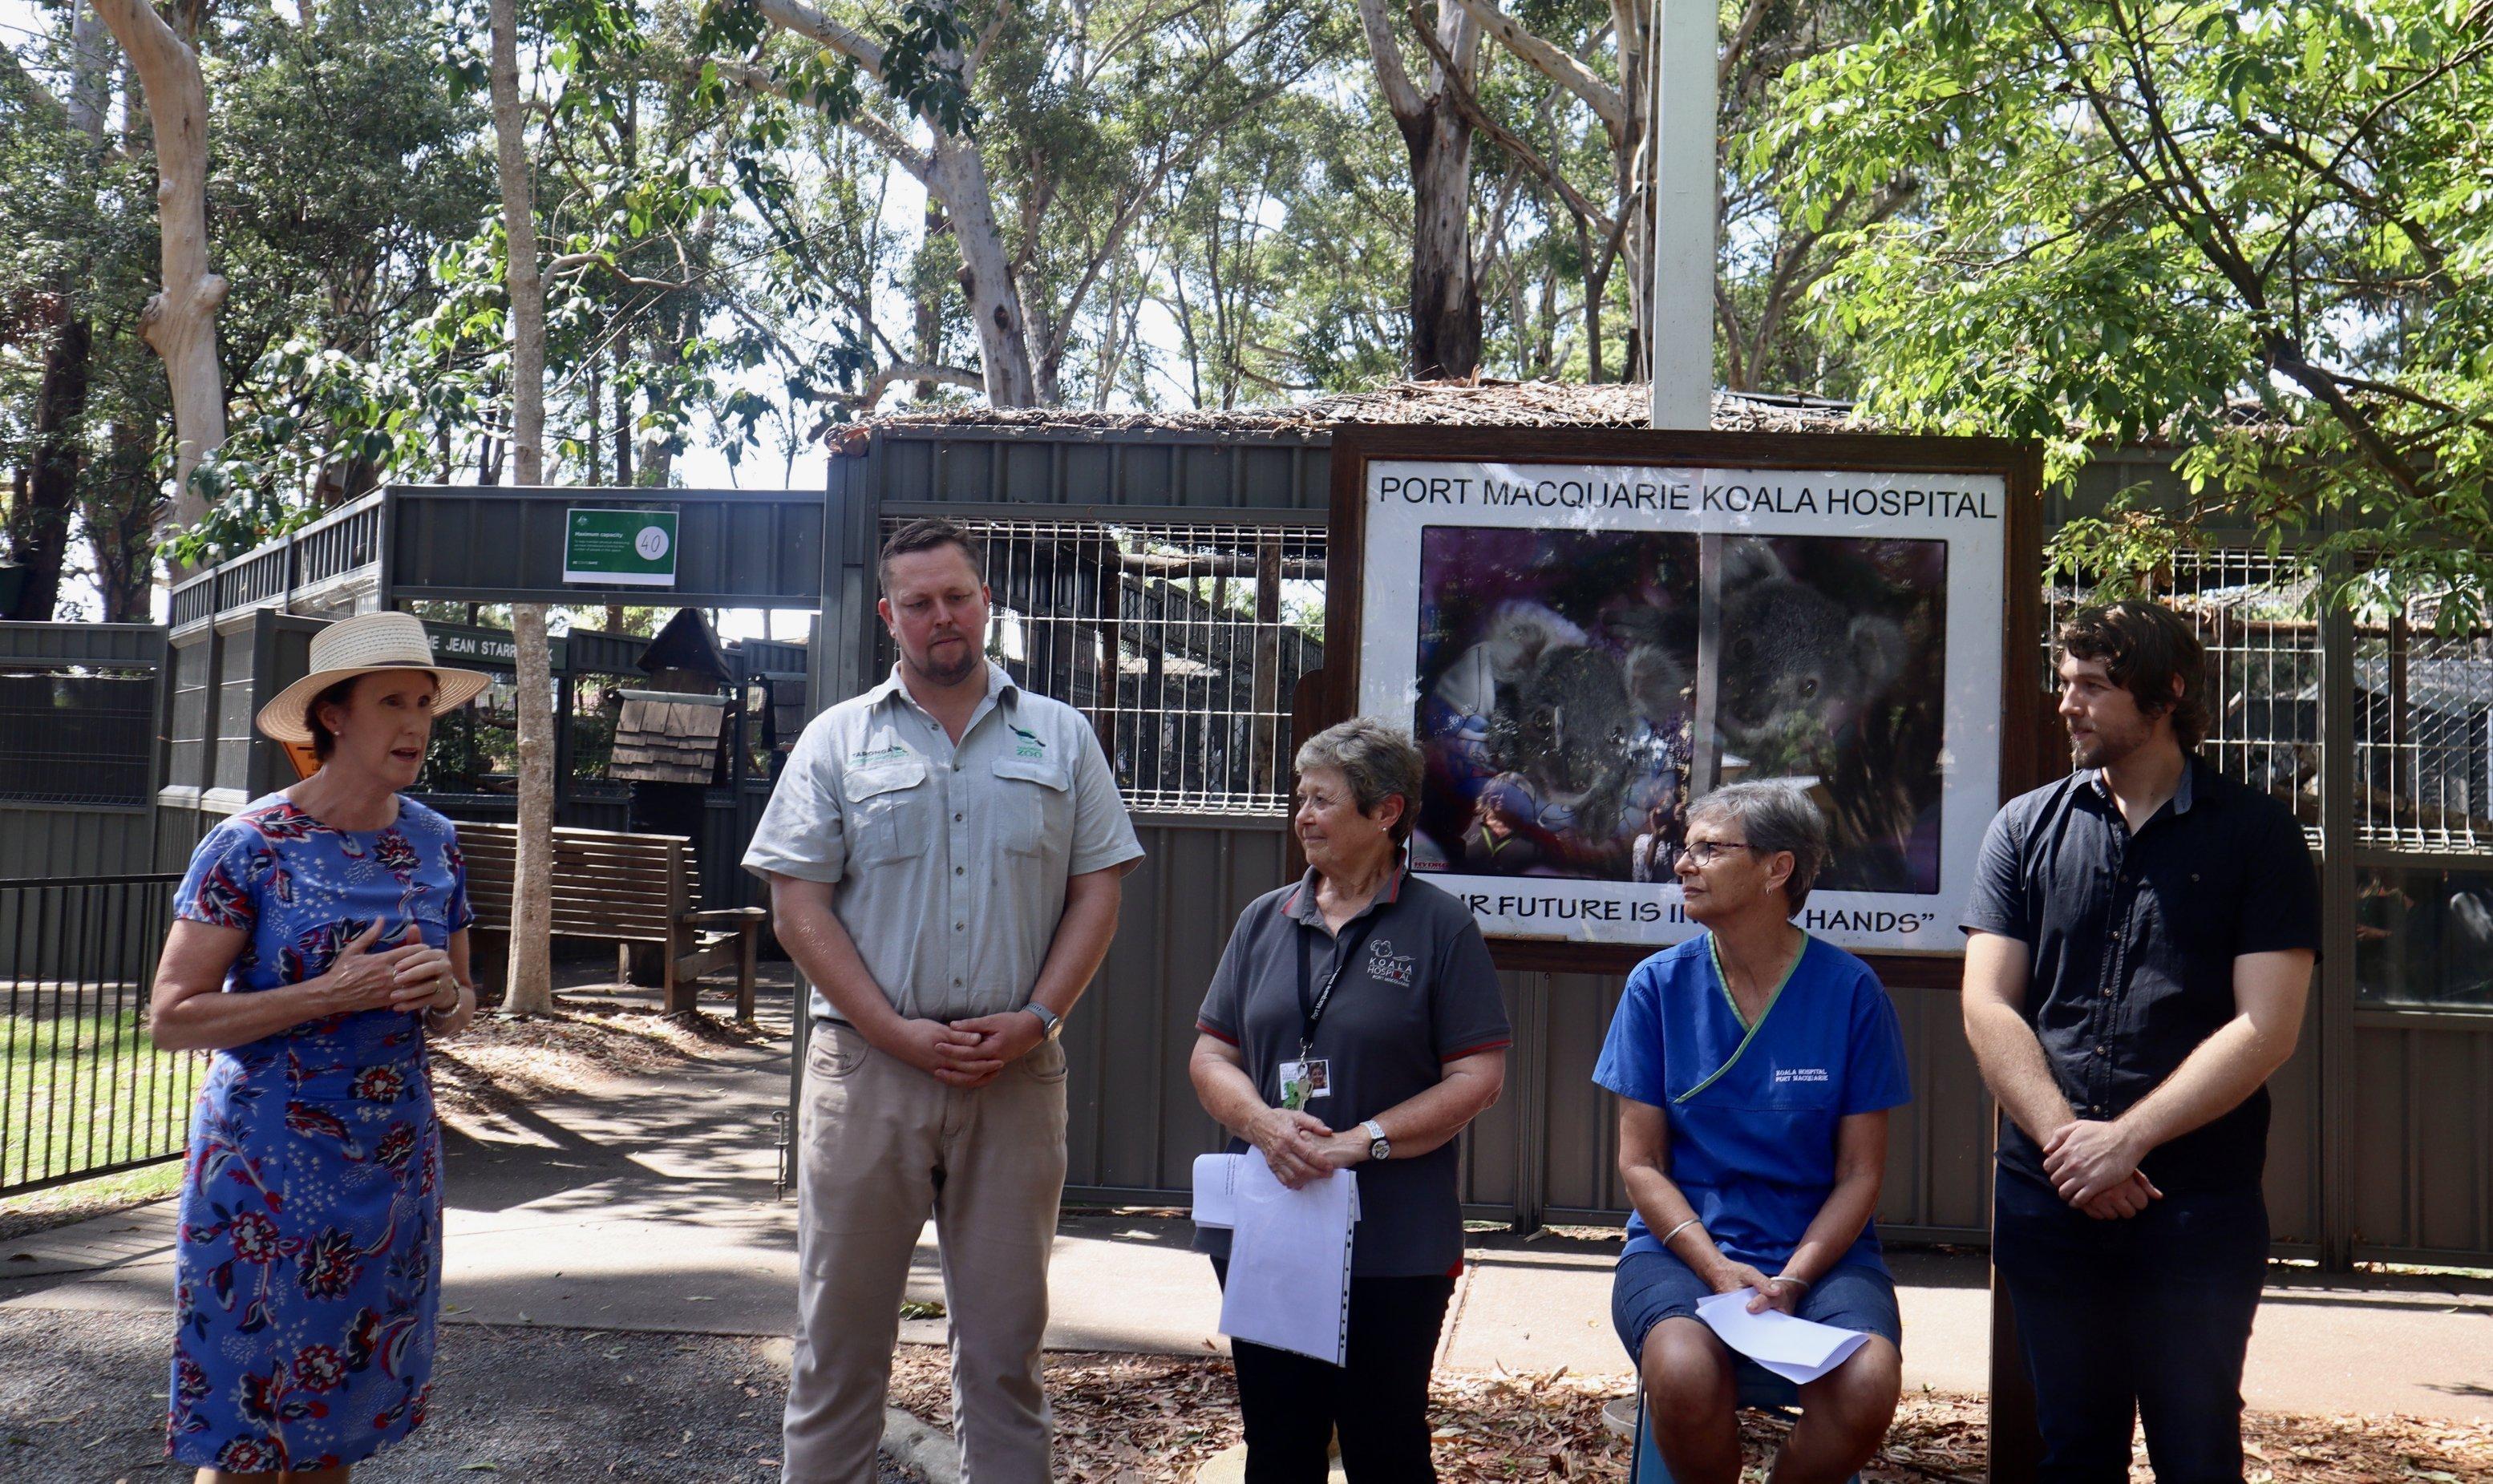 Unter dne Eurkalyptusbäumen des Koalahospitals in Port Macquarie stehen die Abgeordnete Leslie Williams, Artenschützer Nick Boyle, Präsidentin Sue Ashton, Koala-Expertin Cheyne Flanagan und Genetik Matt Lott bei einer Feier zur Eröffnung des Zuchtprogramms.